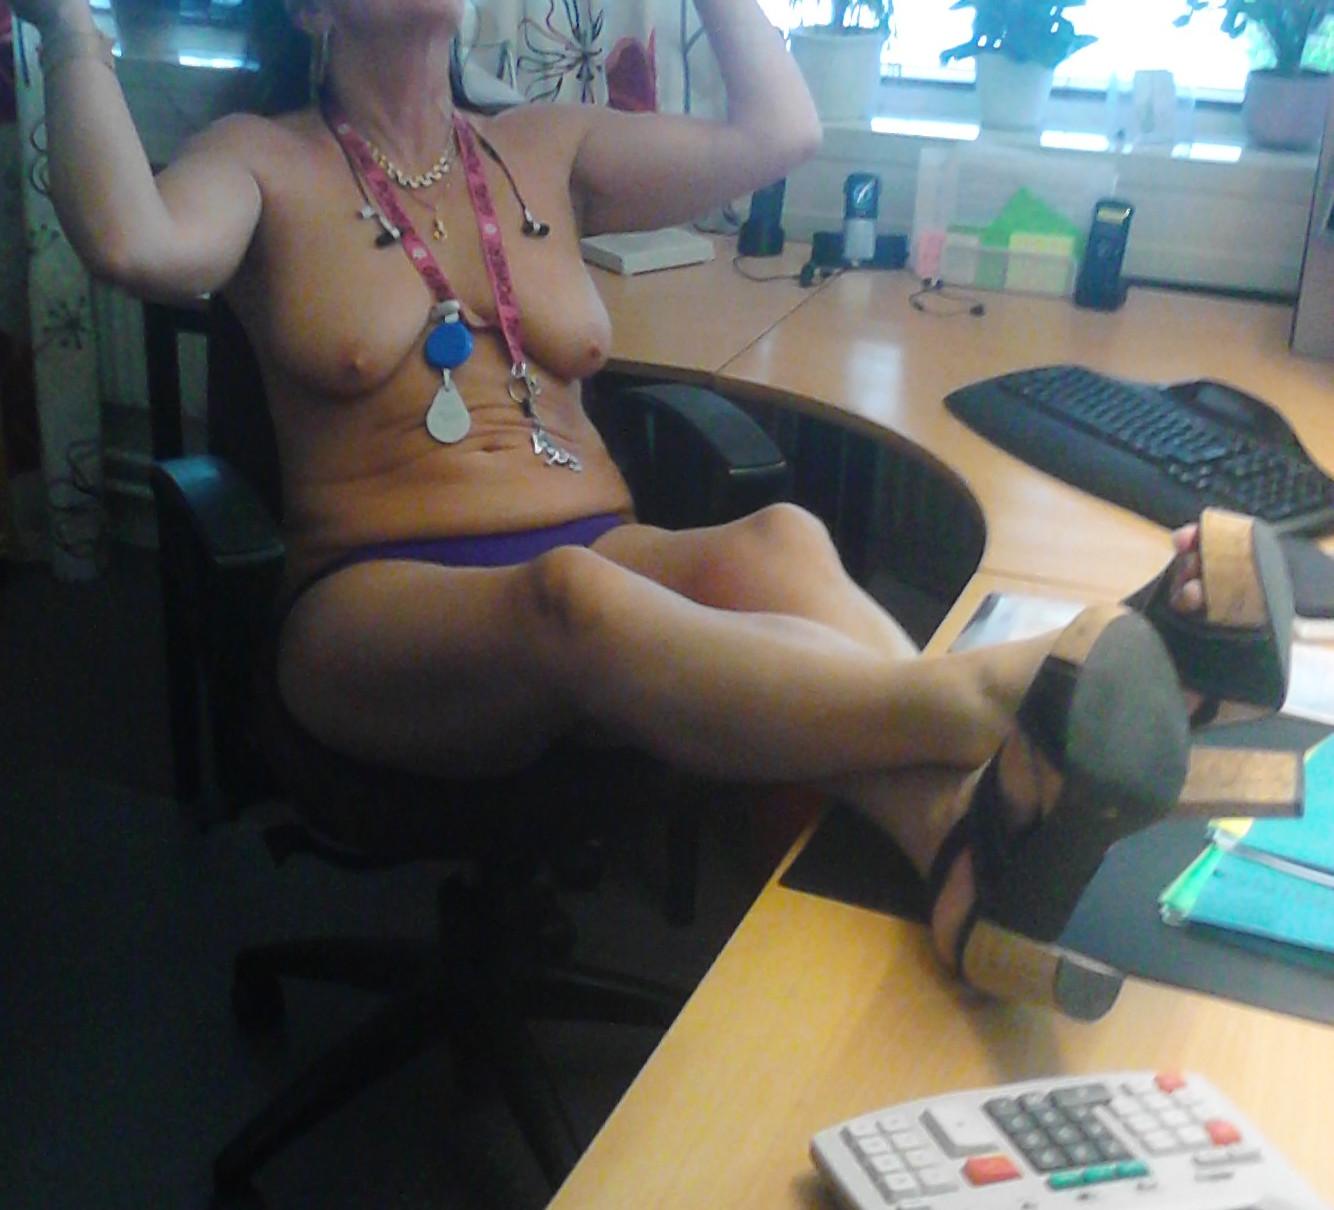 suomalainen seksi seksitreffit fi